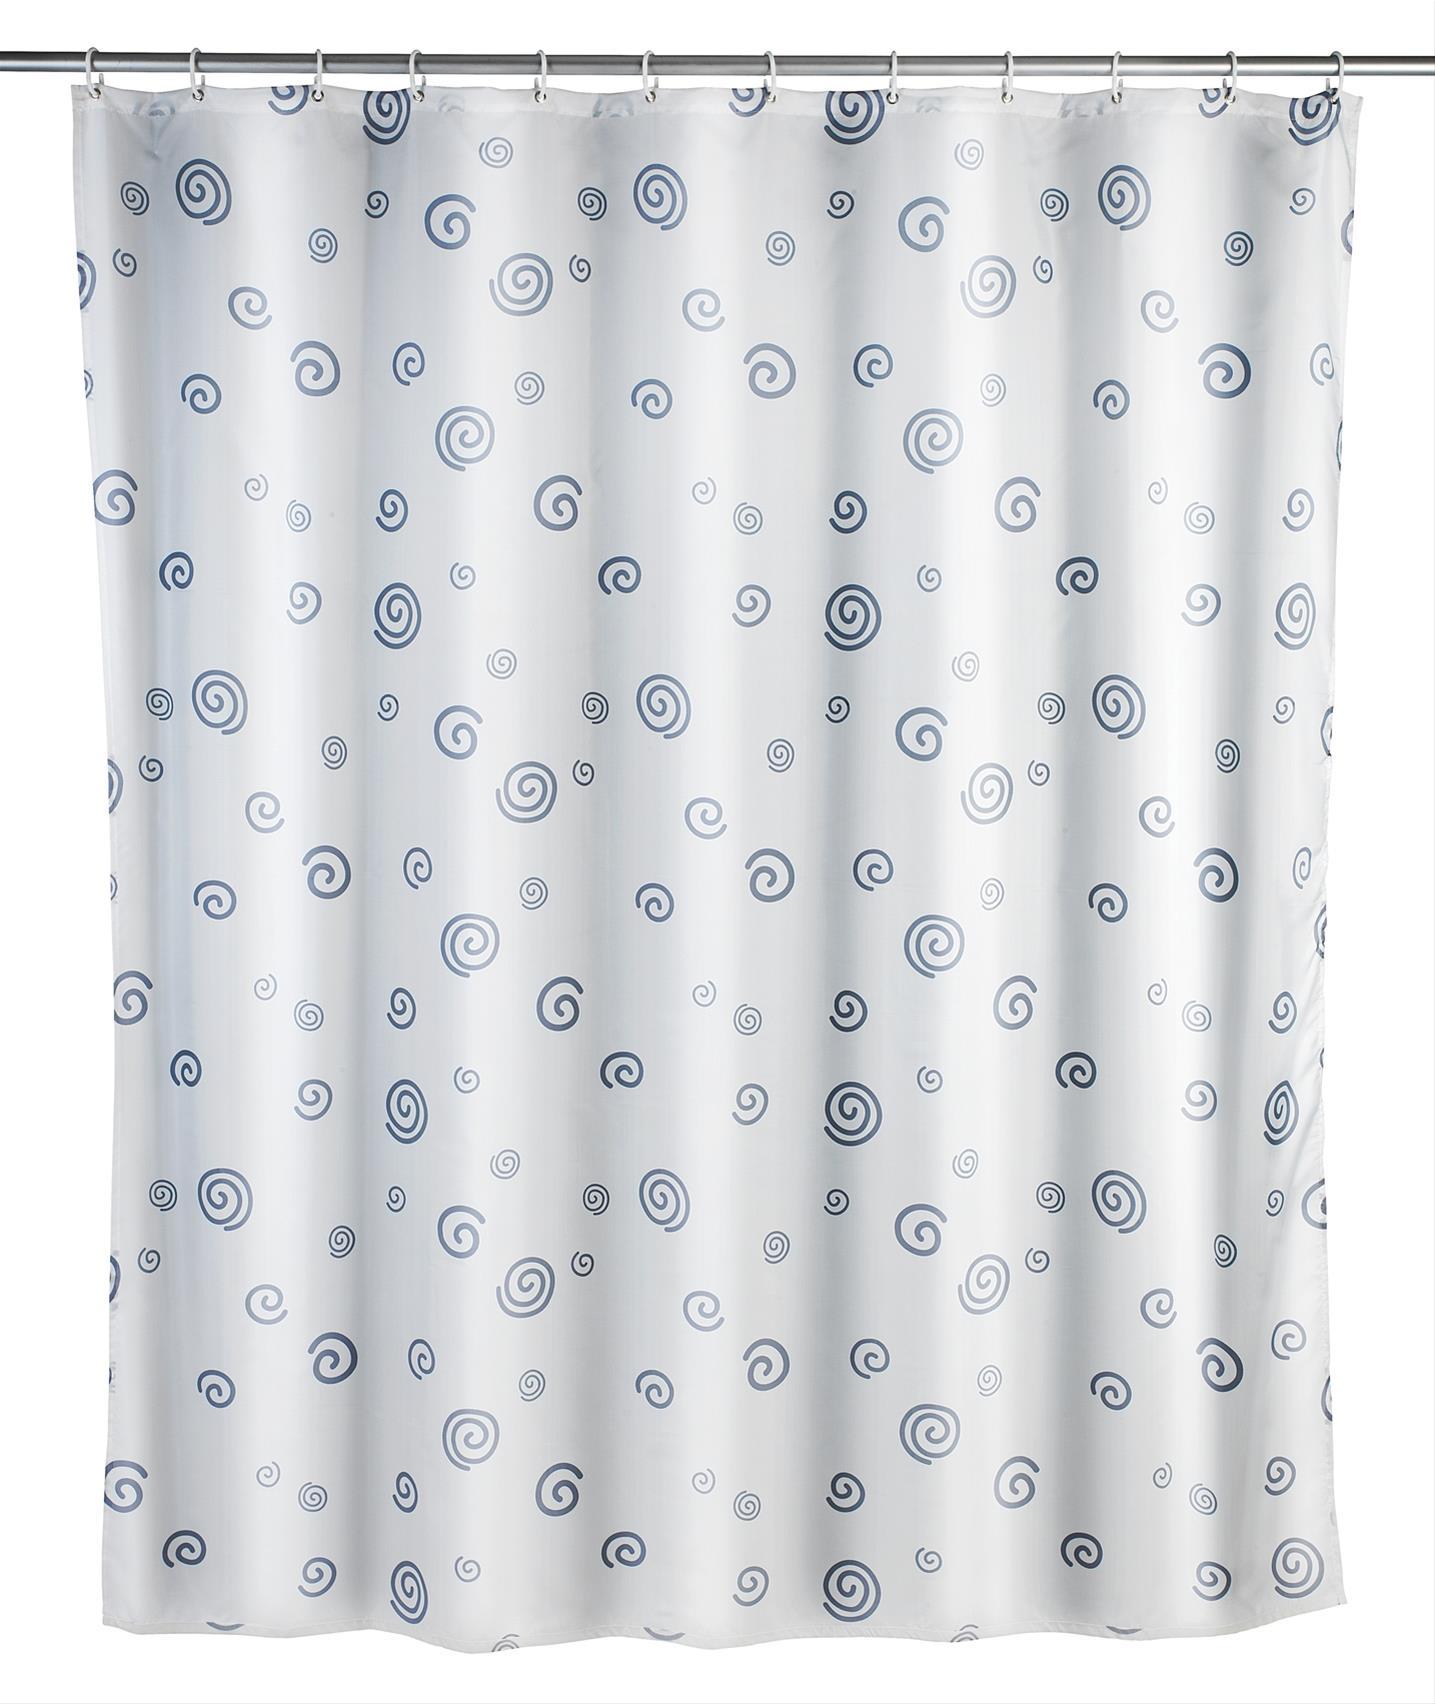 Duschvorhang 180x200 cm Schnecke, Polyes Bild 1